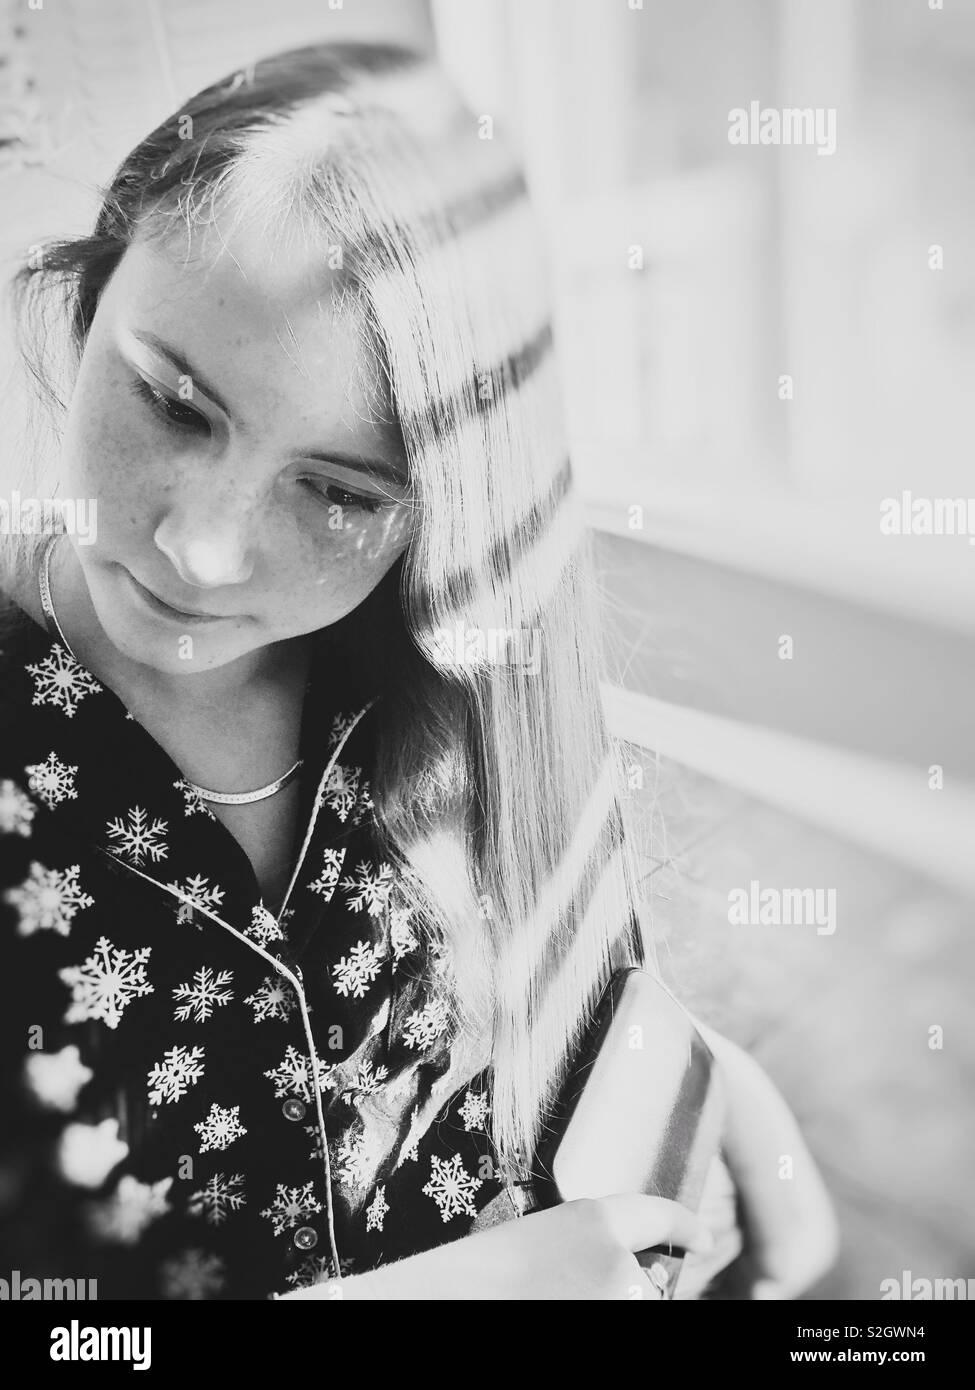 Ariosa immagine in bianco e nero della ragazza adolescente di spazzolatura, lunghi capelli biondi da una finestra con la luce del sole e ombre Foto Stock